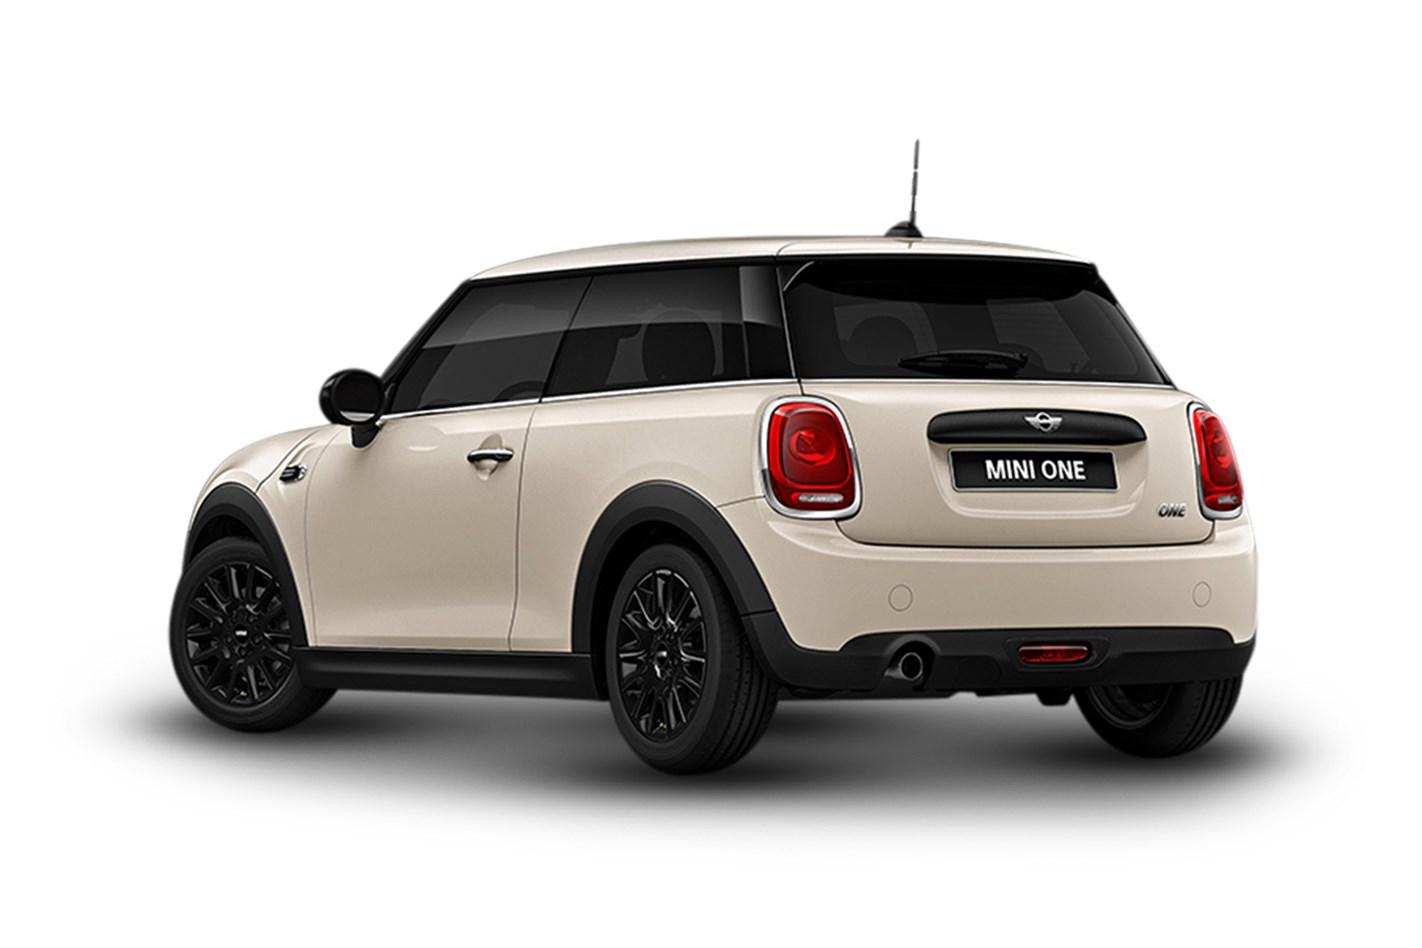 2017 Mini Cooper One 12l 3cyl Petrol Turbocharged Manual Hatchback